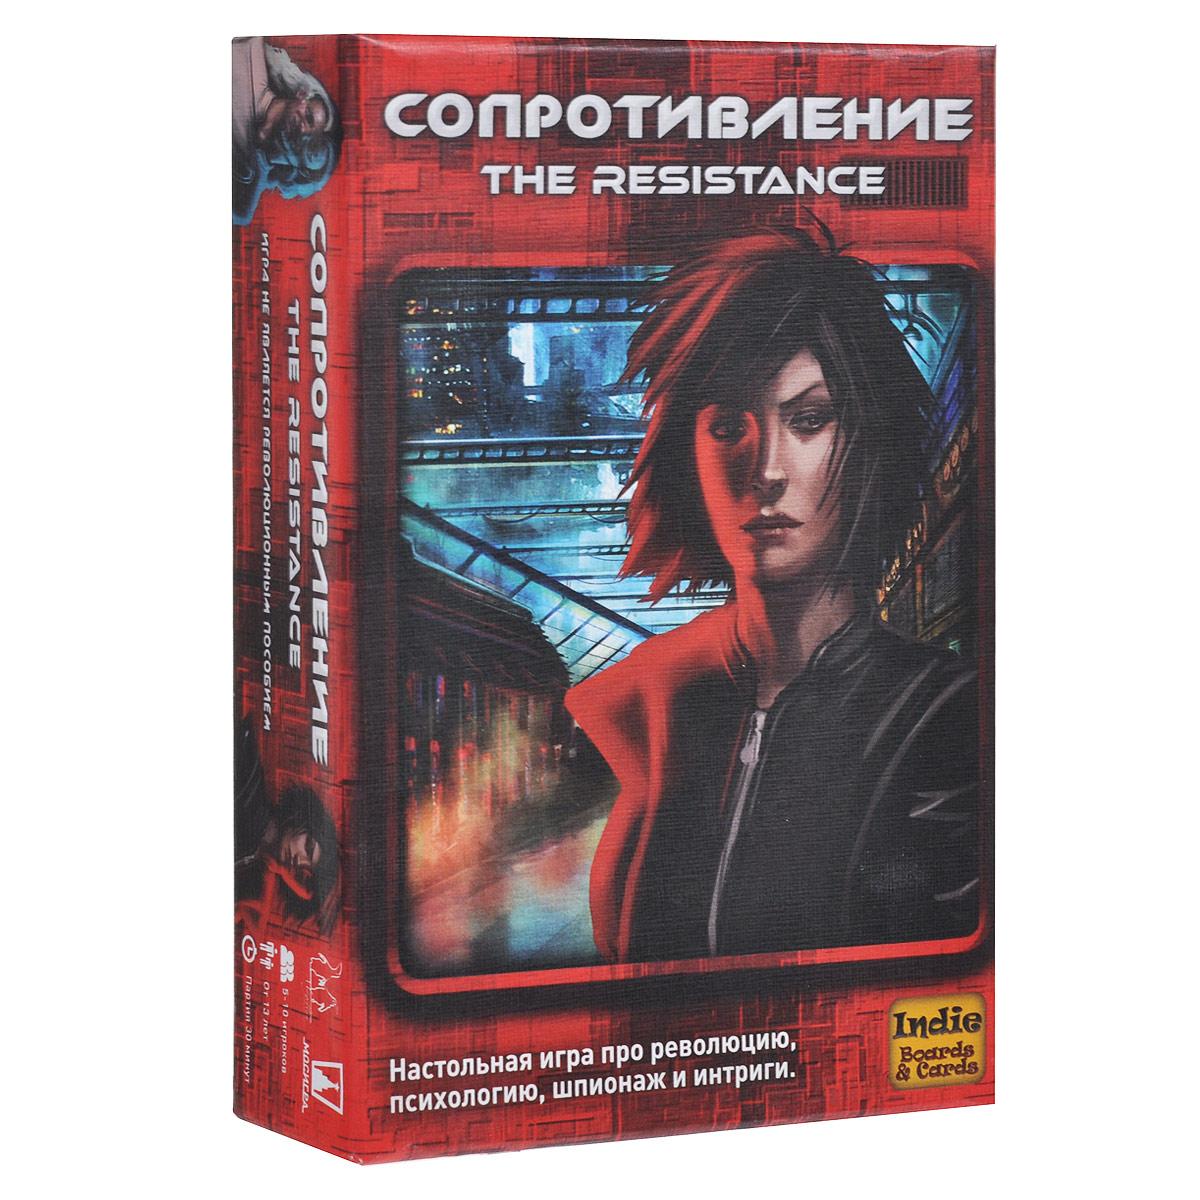 Настольная игра Magellan СопротивлениеMAG00321Настольная игра Magellan Сопротивление - это захватывающая игра про революцию, психологию, шпионаж и интриги, которая позволит вам весело провести время в кругу семьи и друзей. Цель игры: набрать по прошествии всех раундов наибольшее количество очков. Игра состоит из нескольких раундов. Игроки - члены тайной организации сопротивления, борющейся с деспотичным правительством. В сопротивление внедрены шпионы, чтобы разрушить планы революционеров. Основным правилом данной игры является возможность игроков в любое время высказать свое мнение. Дискуссии, ложные обещания, интуитивные озарения, социальное взаимодействие и логические умозаключения важны для победы в этой игре. Сопротивление побеждает в случае успеха 3 миссий. Победа достается шпионам, если 3 миссии были провалены. Шпионы также могут победить в игре на любом этапе, если сопротивлению не удается организовать команду по выполнению миссии (5 срывов голосования за выполнение одной миссии). В комплект игры...